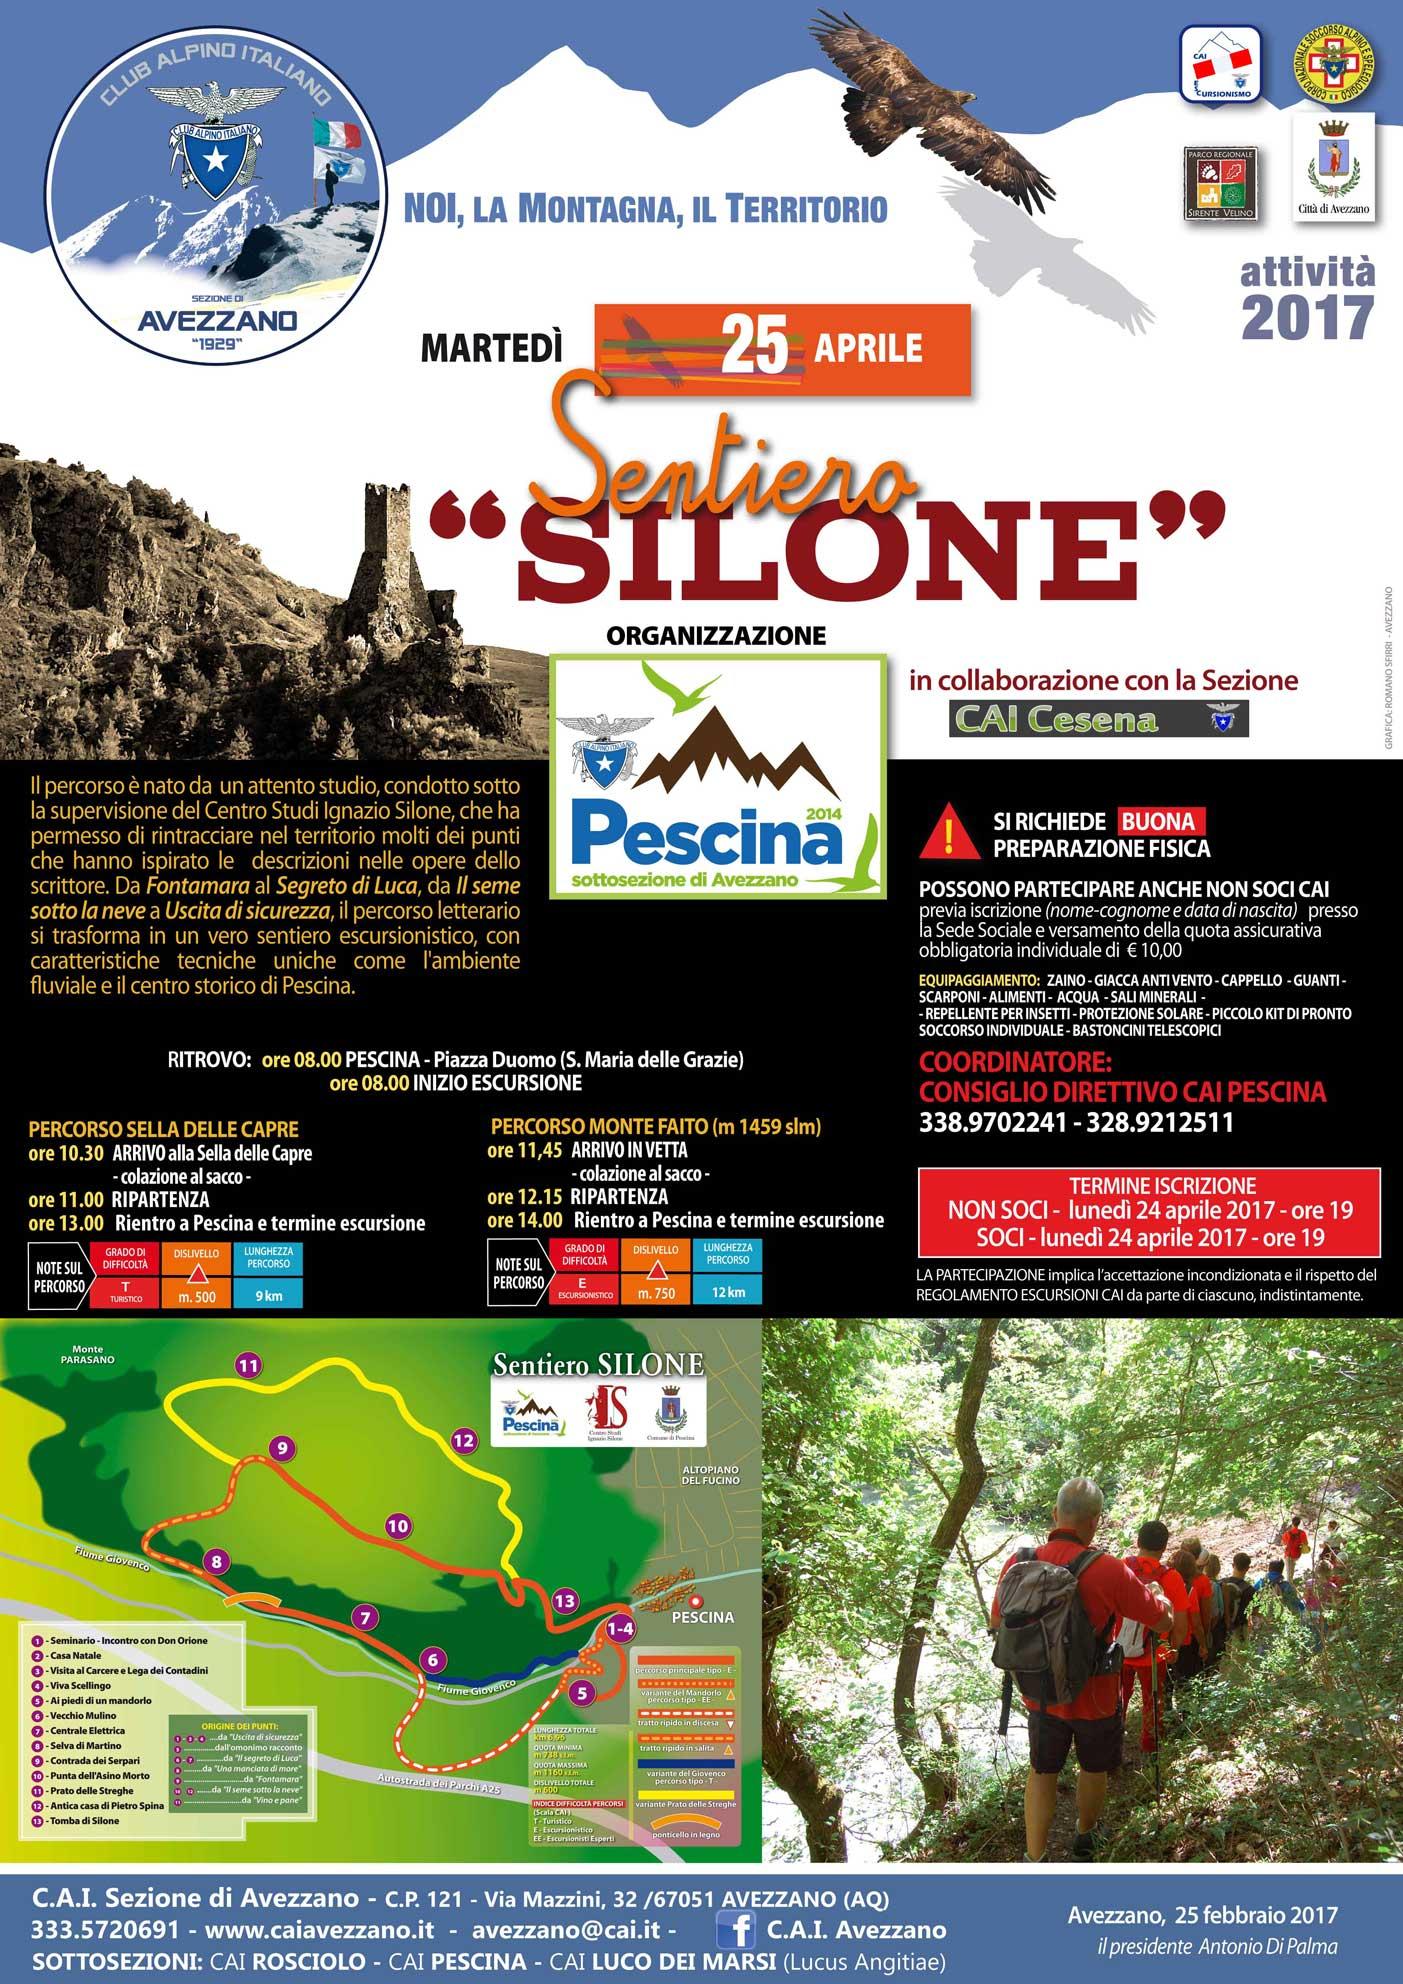 SENTIERO-SILONE-25-APR-EMAIL